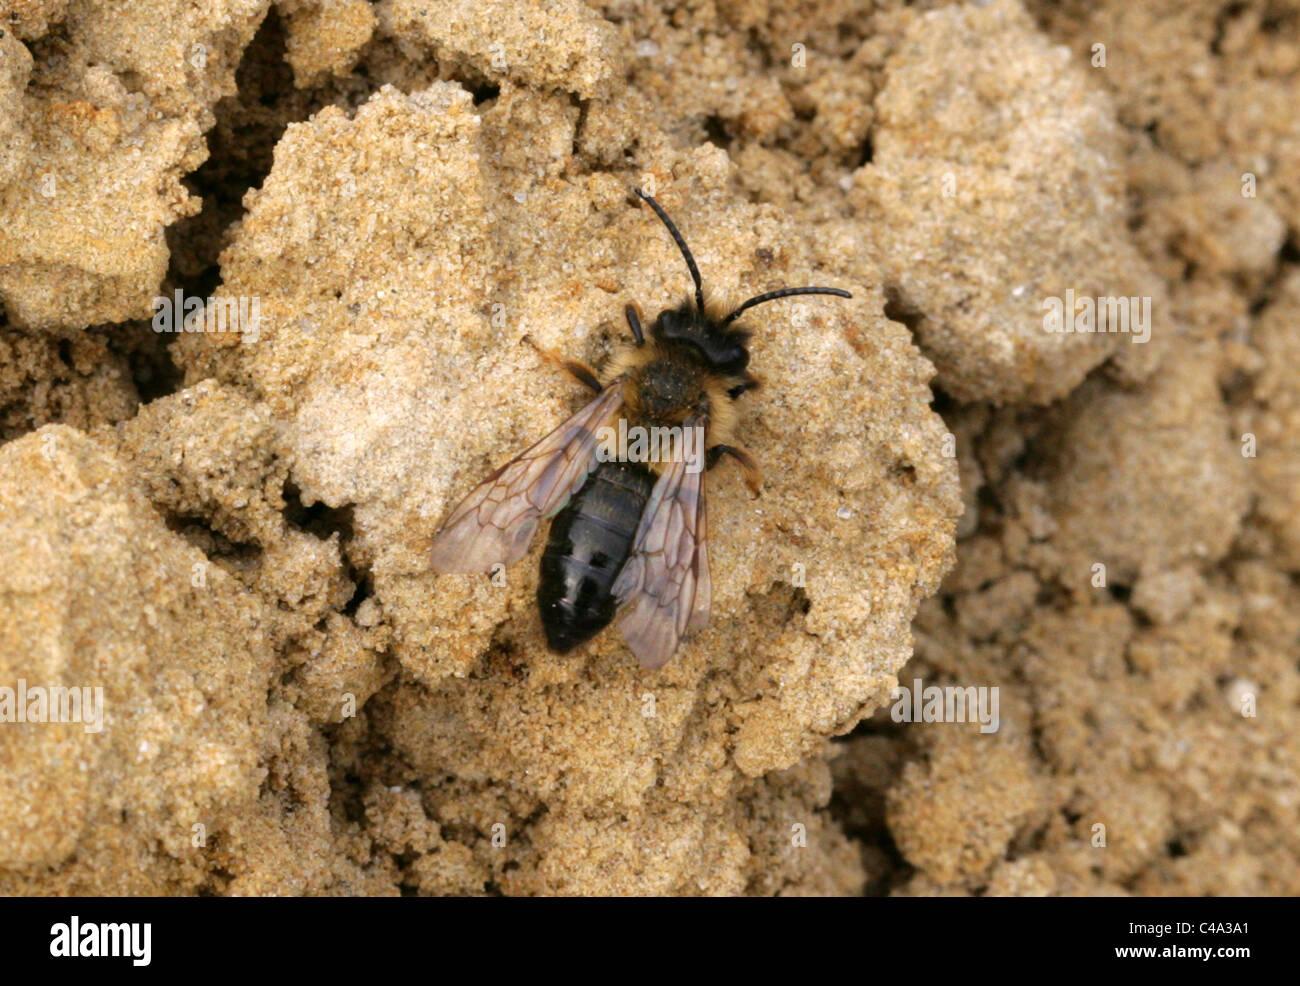 Communal Mining Bee, Andrena carantonica, Andreninae, Andrenidae, Apoidea, Apocrita, Hymenoptera. Aka Hawthorn Bee. - Stock Image